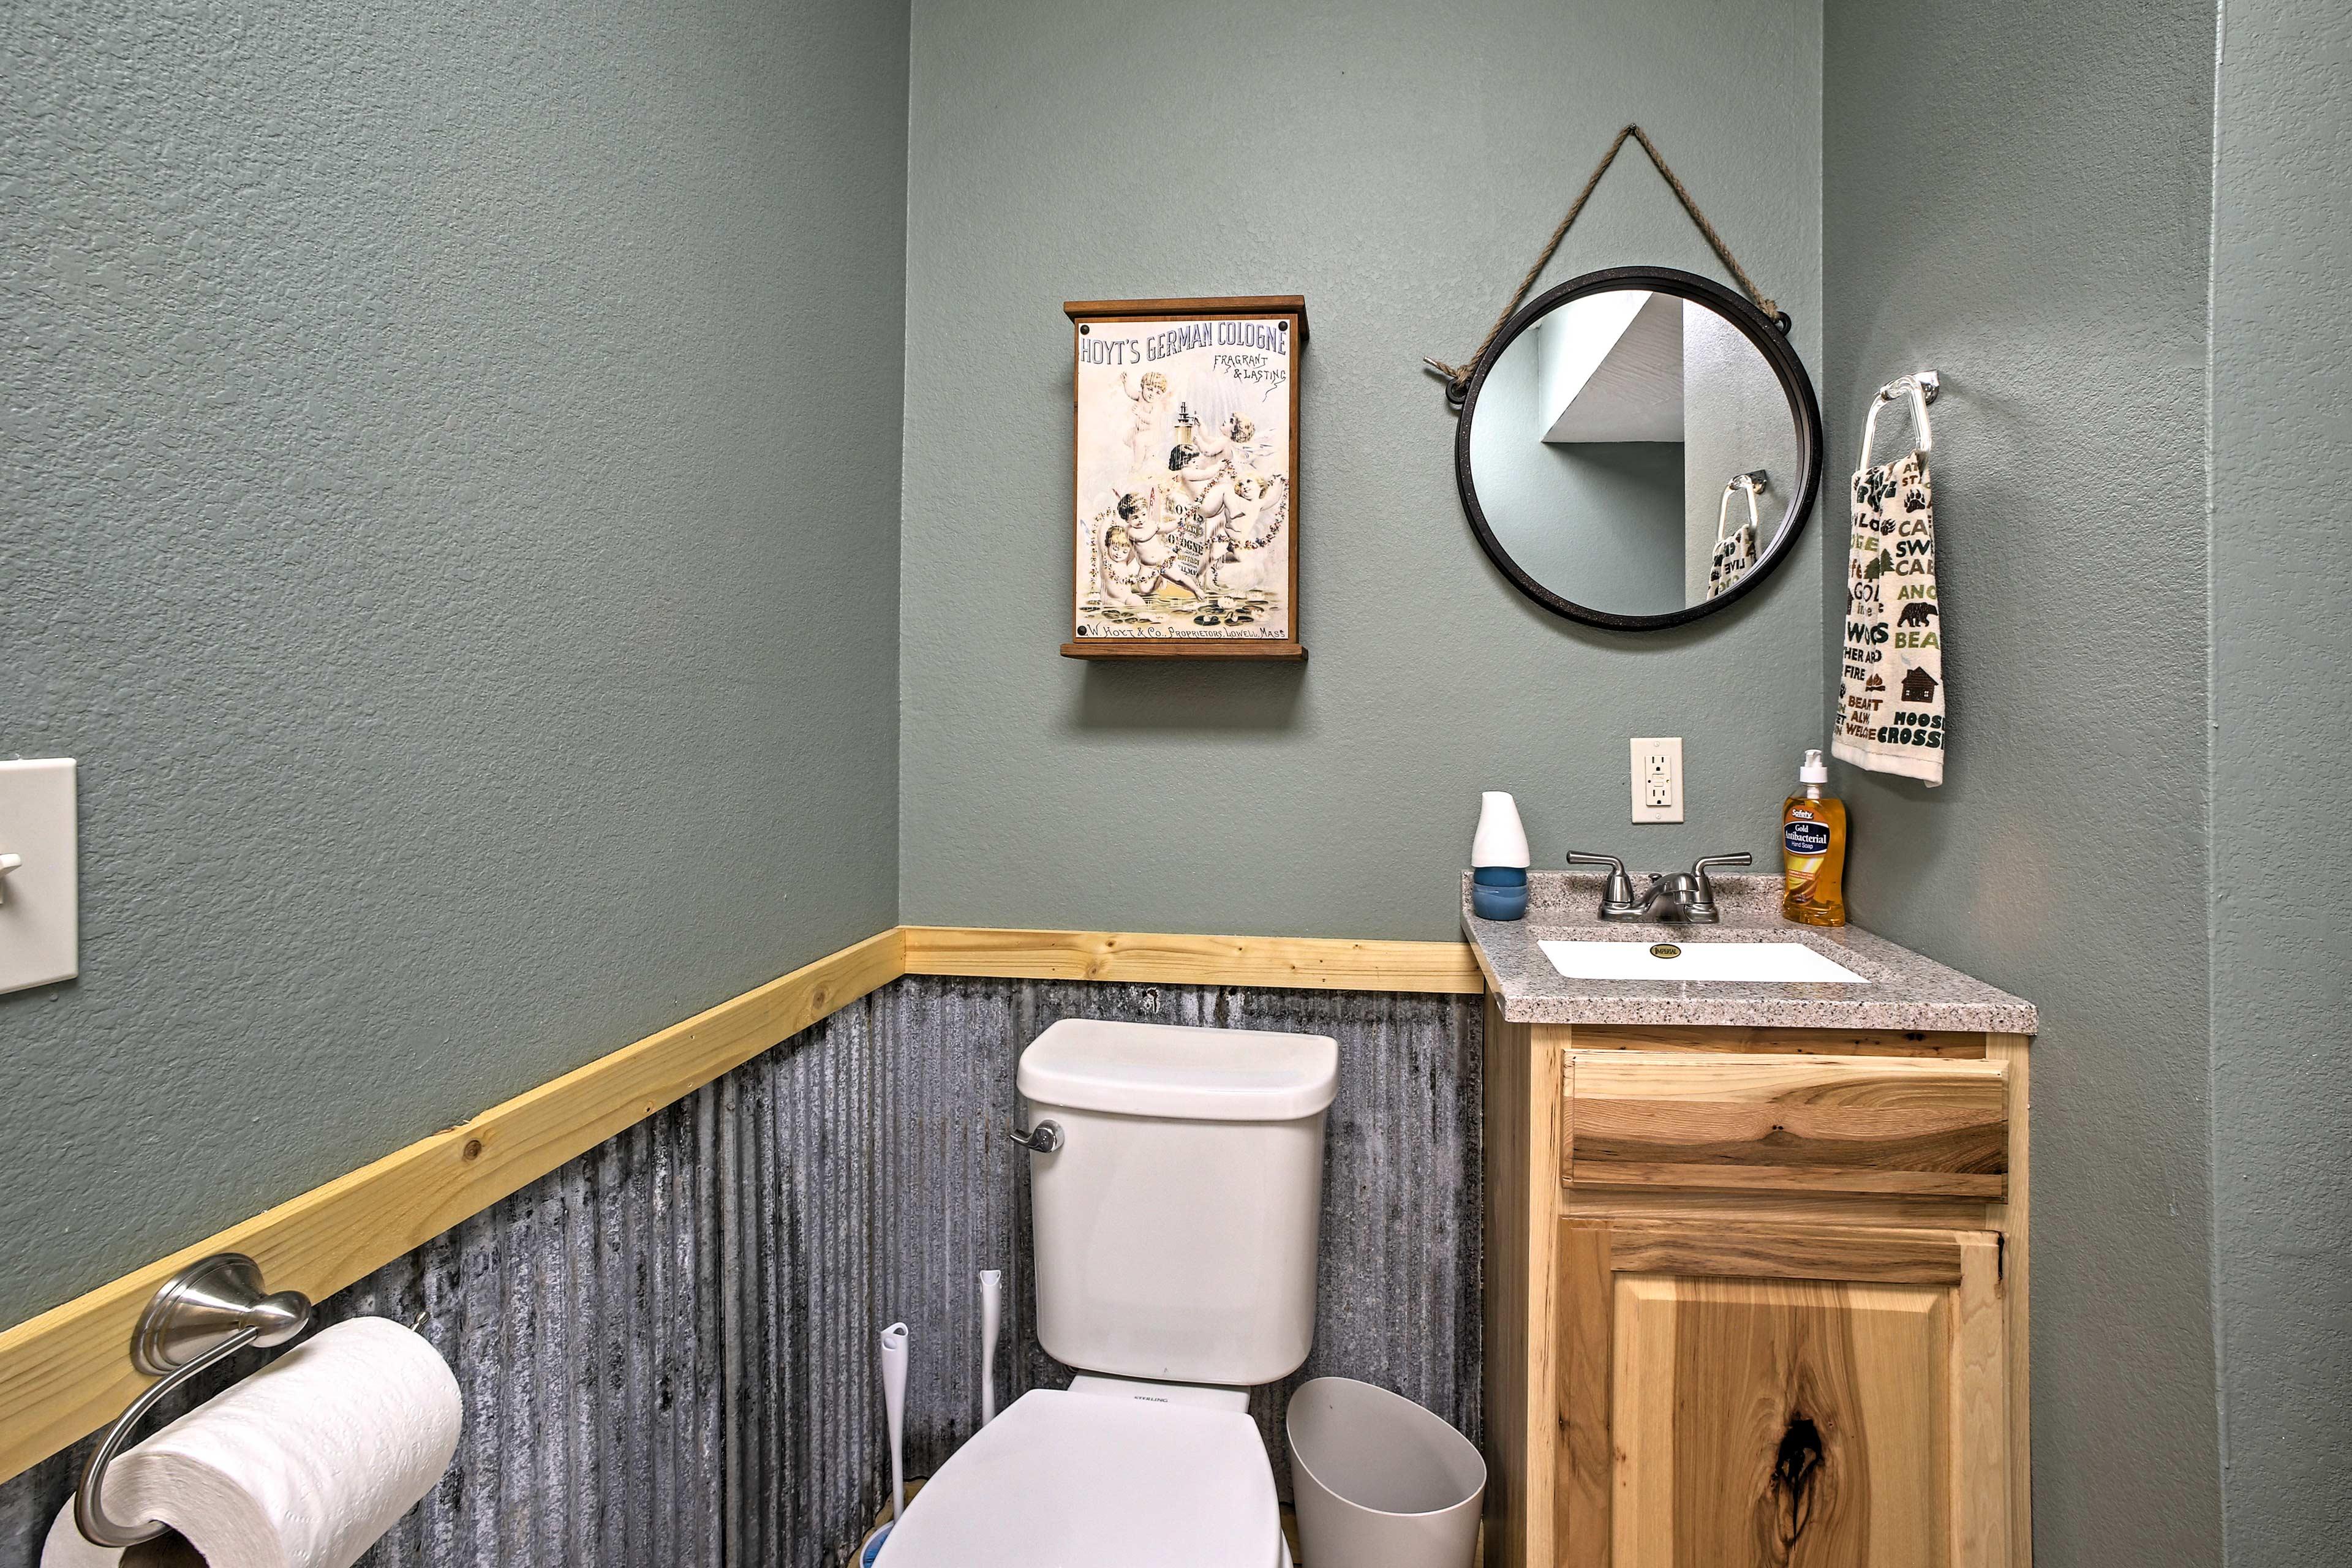 A half bathroom is an added bonus.